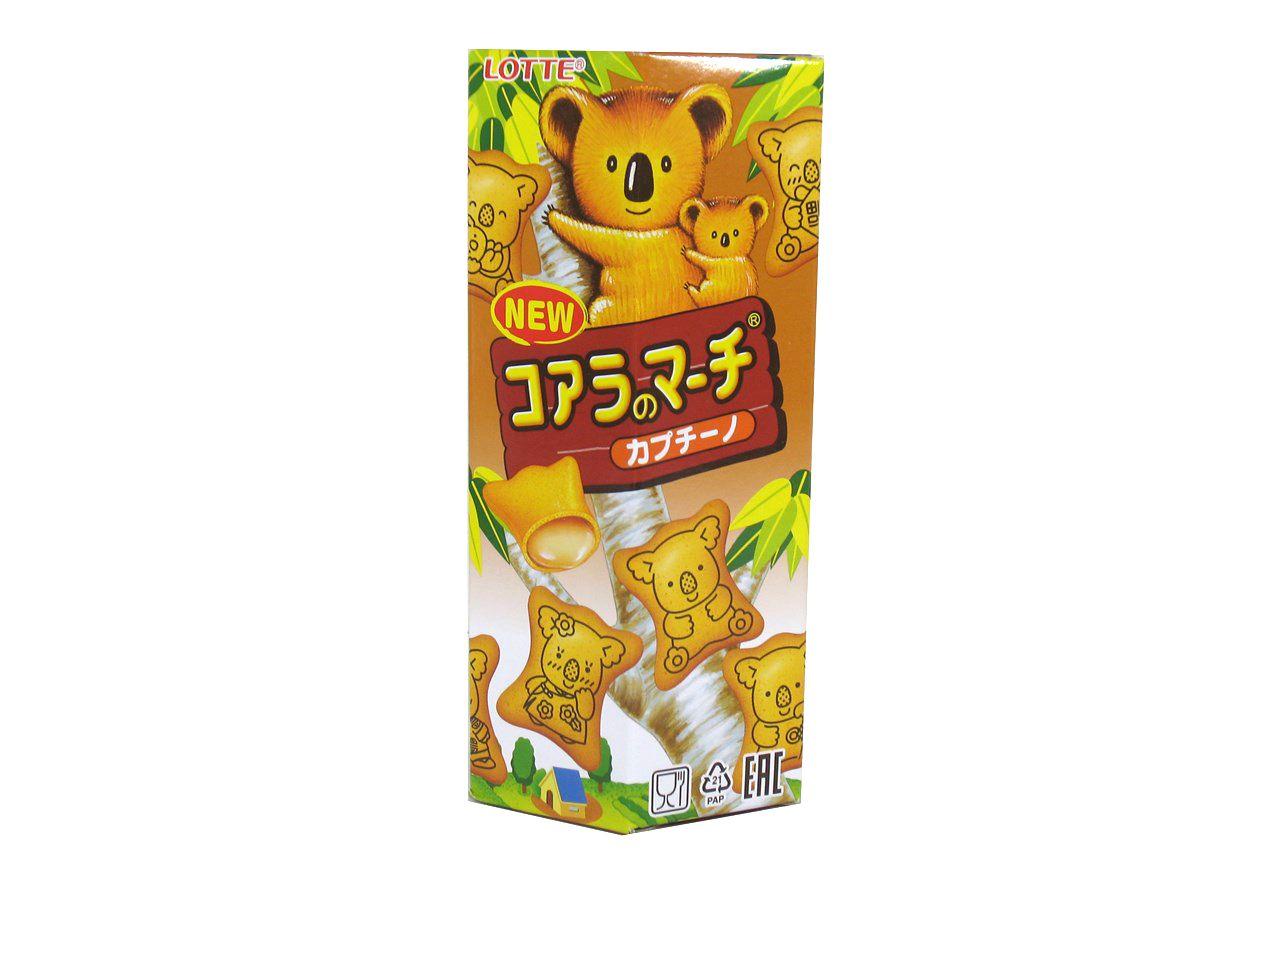 Biscoito com Recheio de Cappuccino Koala 49g - Lotte